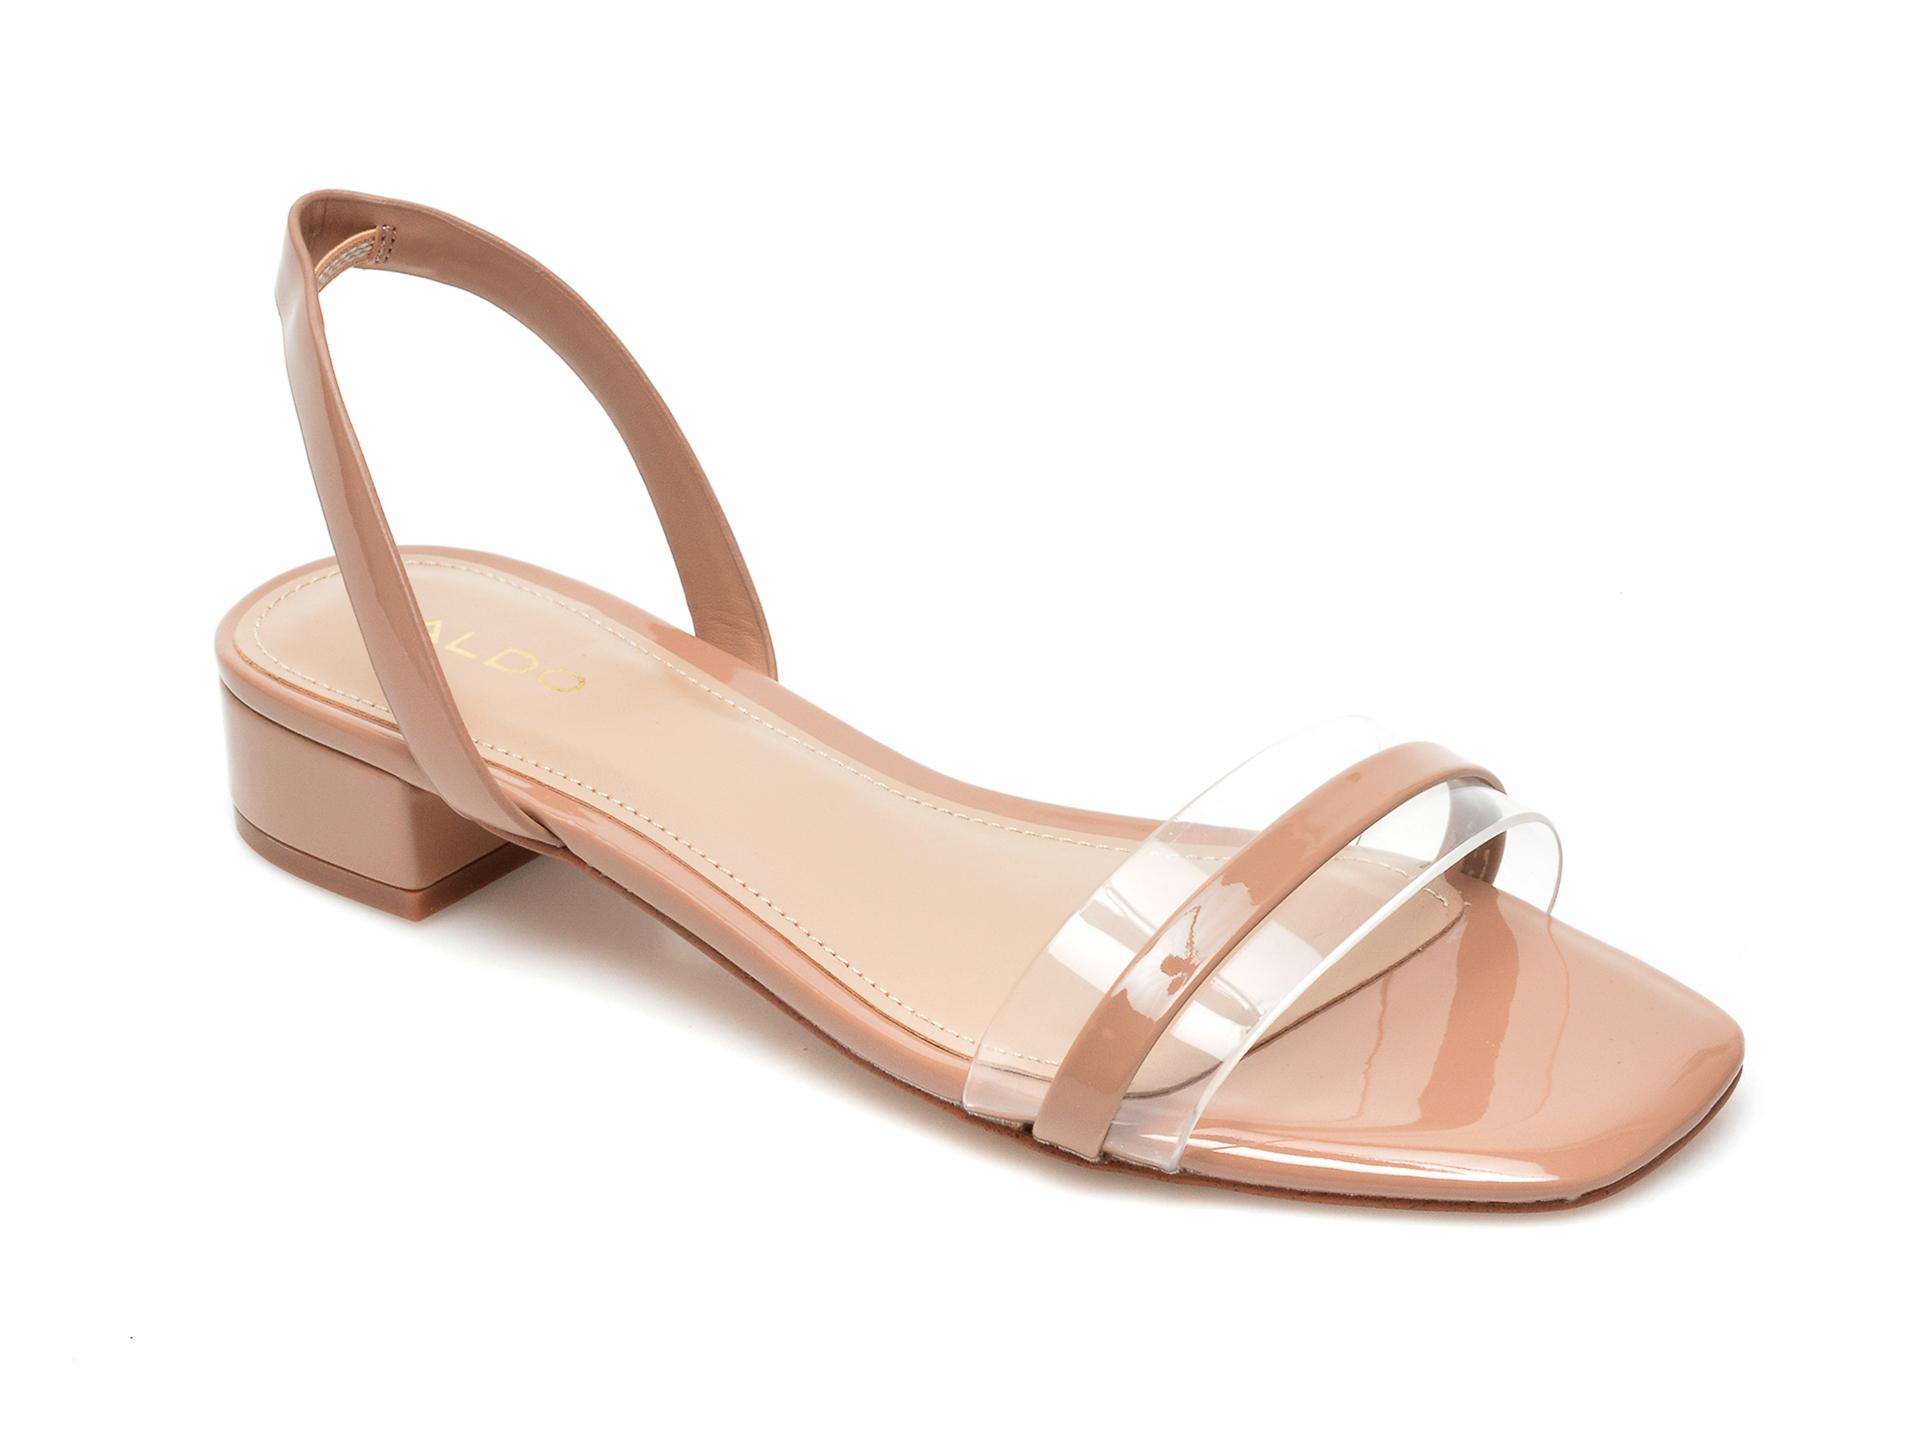 Sandale ALDO nude, Macyflex270, din piele ecologica imagine otter.ro